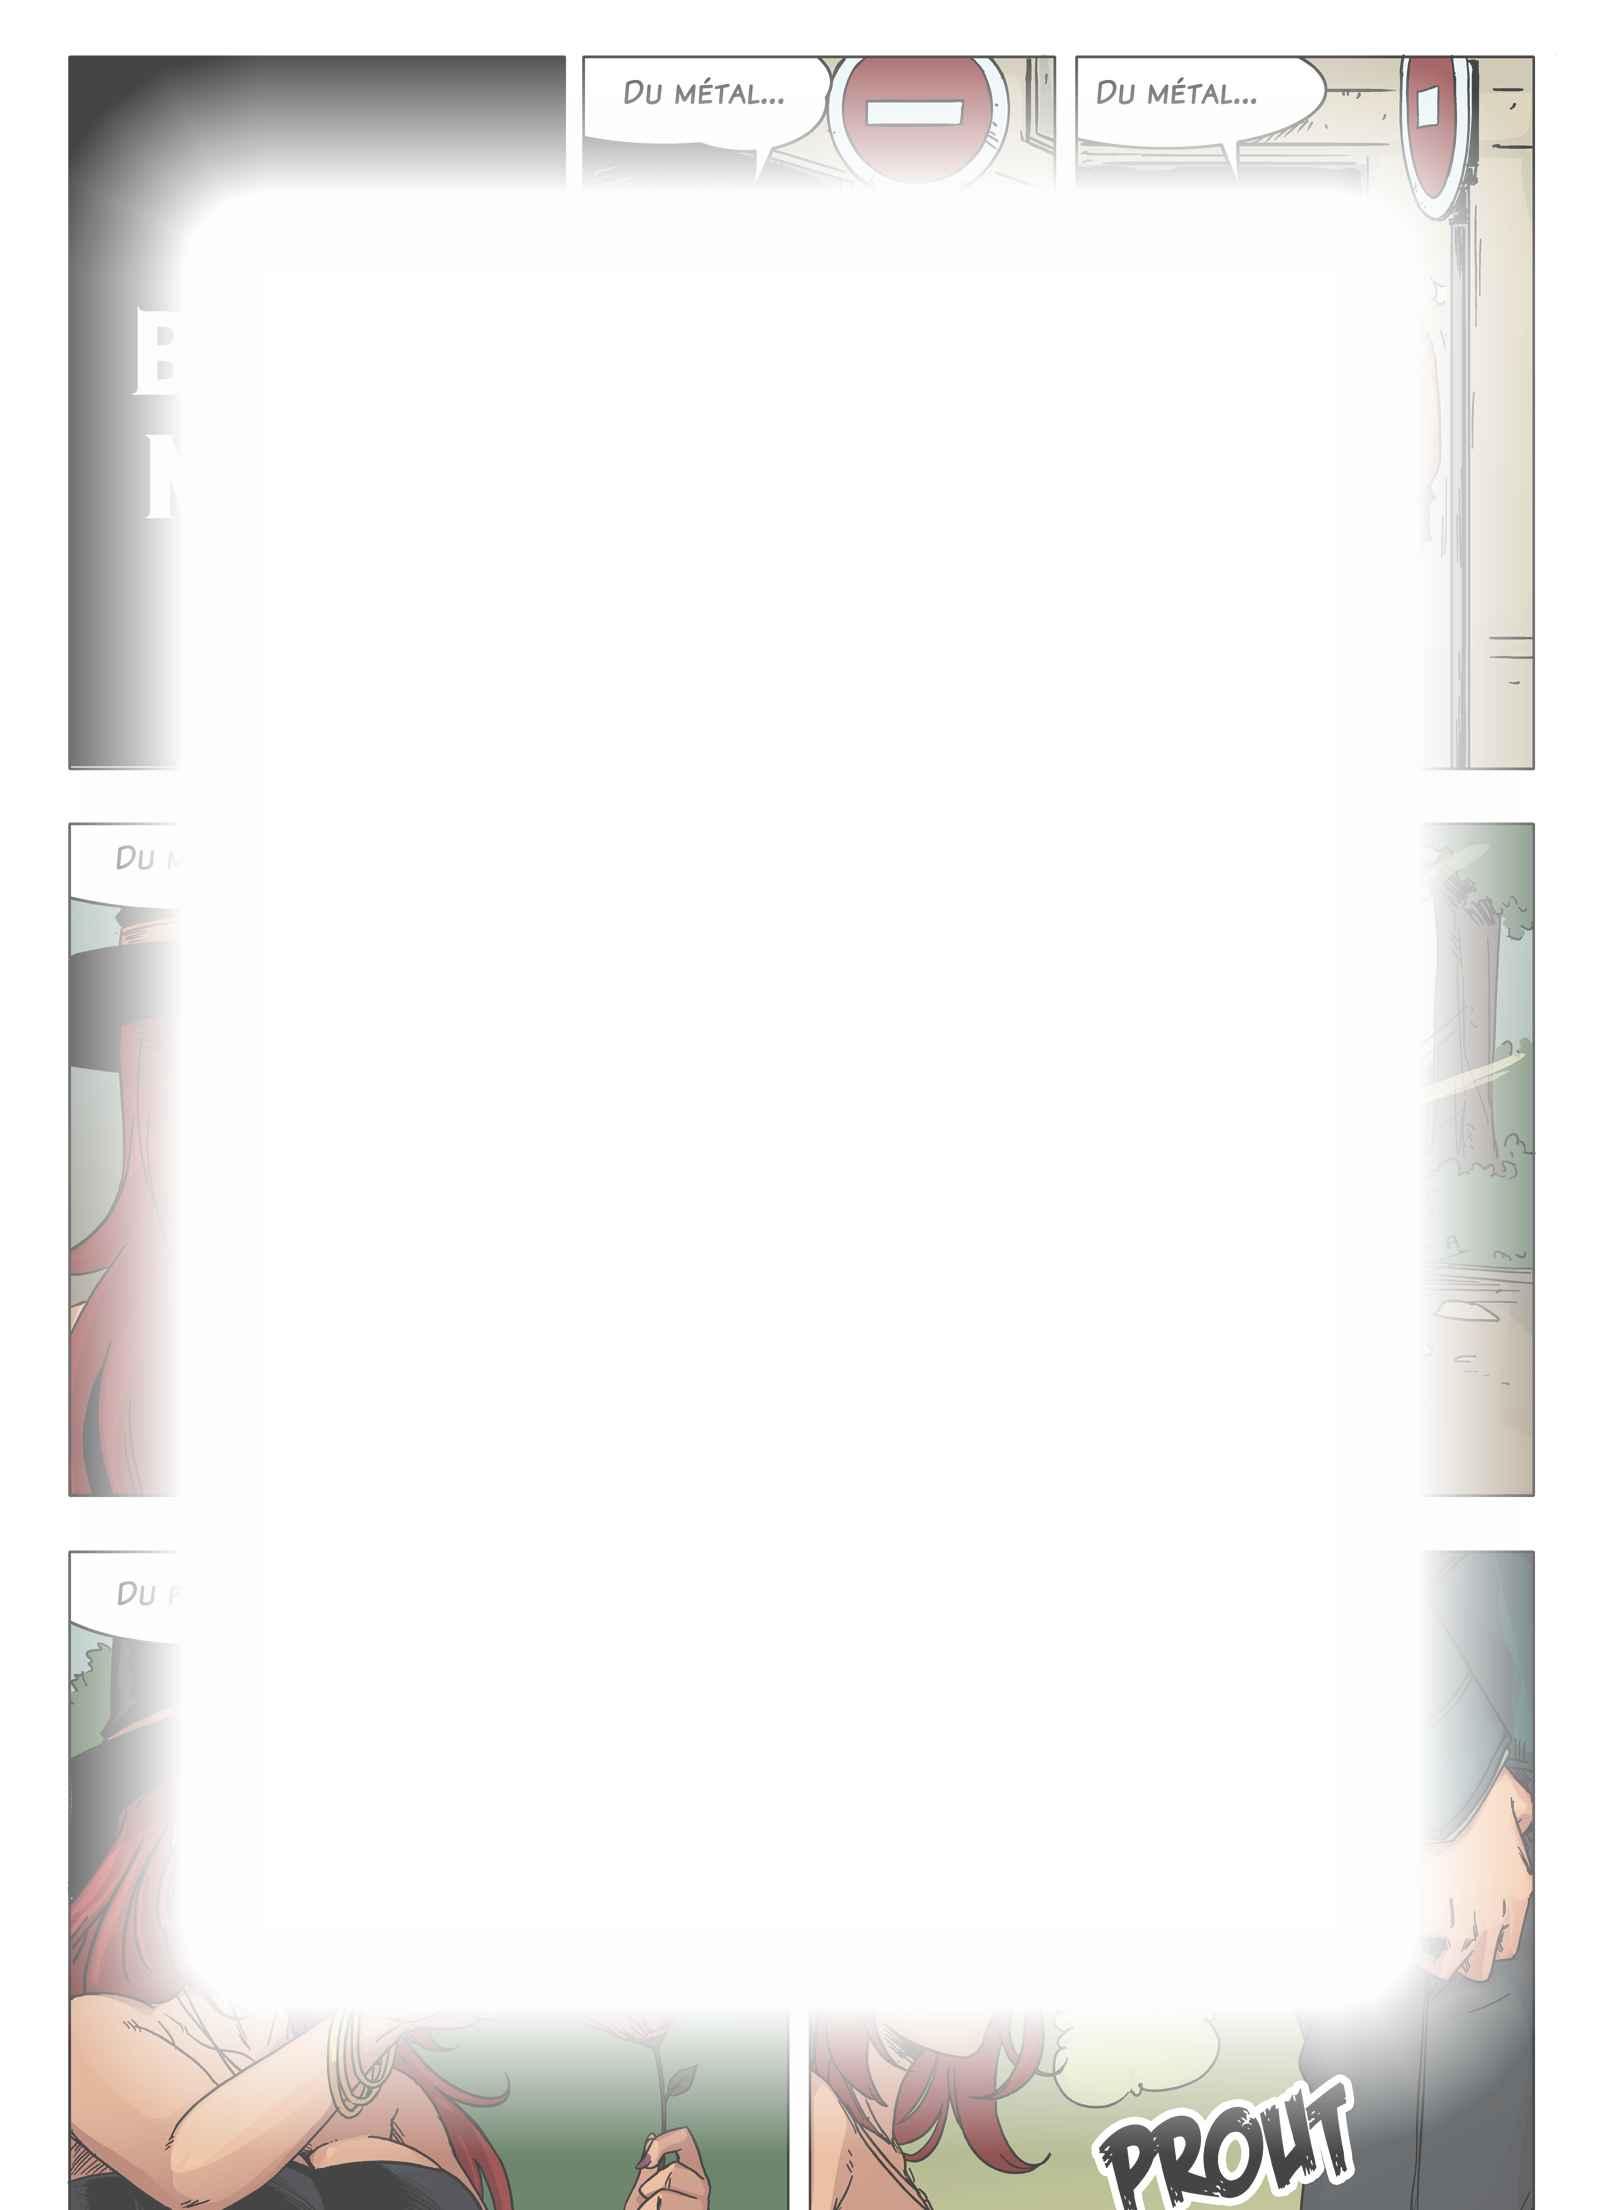 Hémisphères : Chapitre 18 page 20